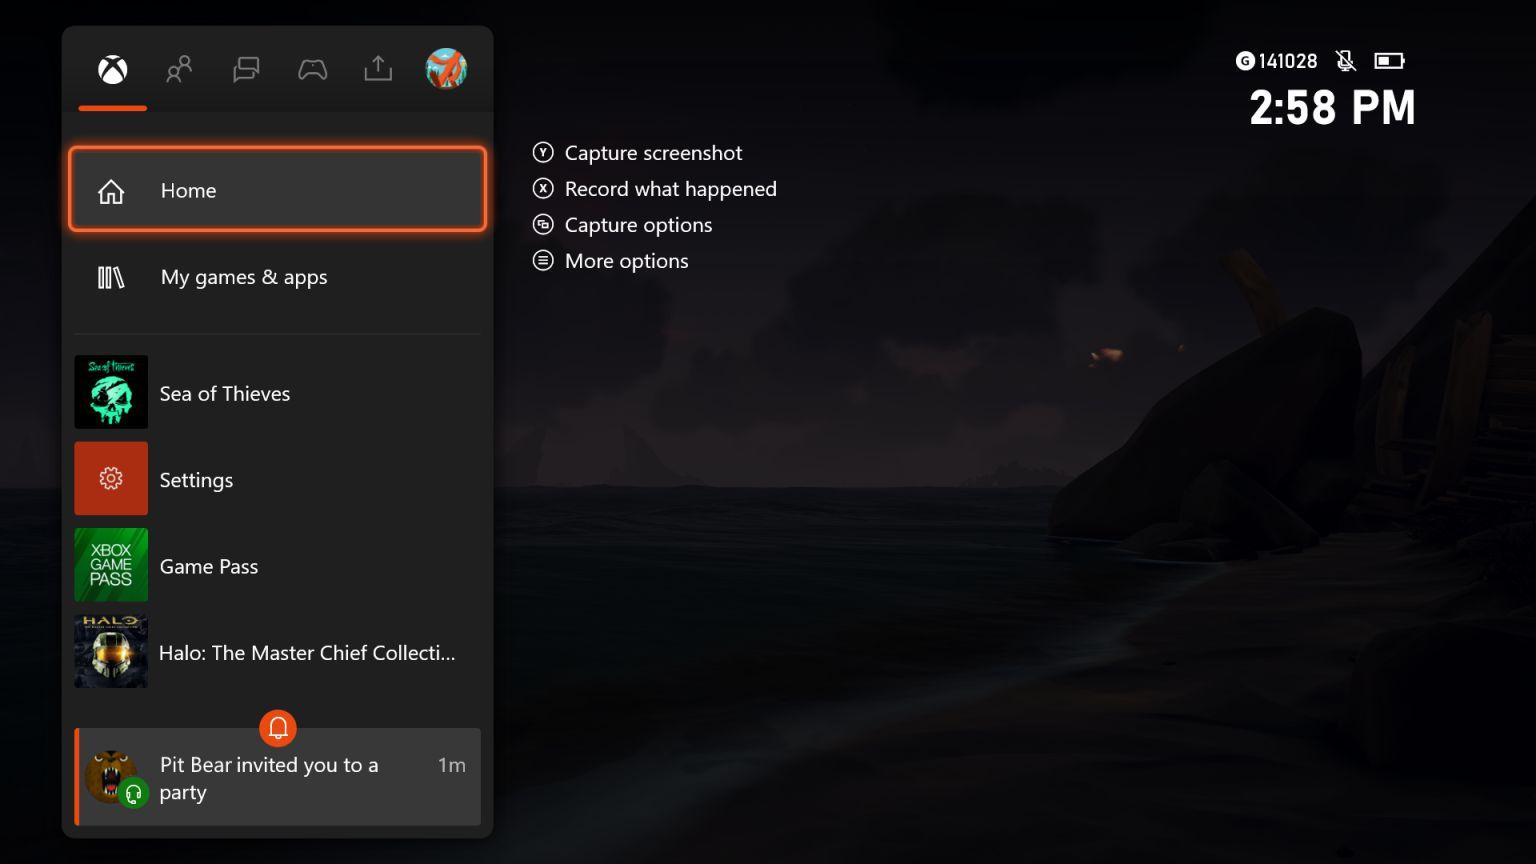 Notificaciones de las invitaciones en el inicio de la Guía de la actualización de Xbox One 2010